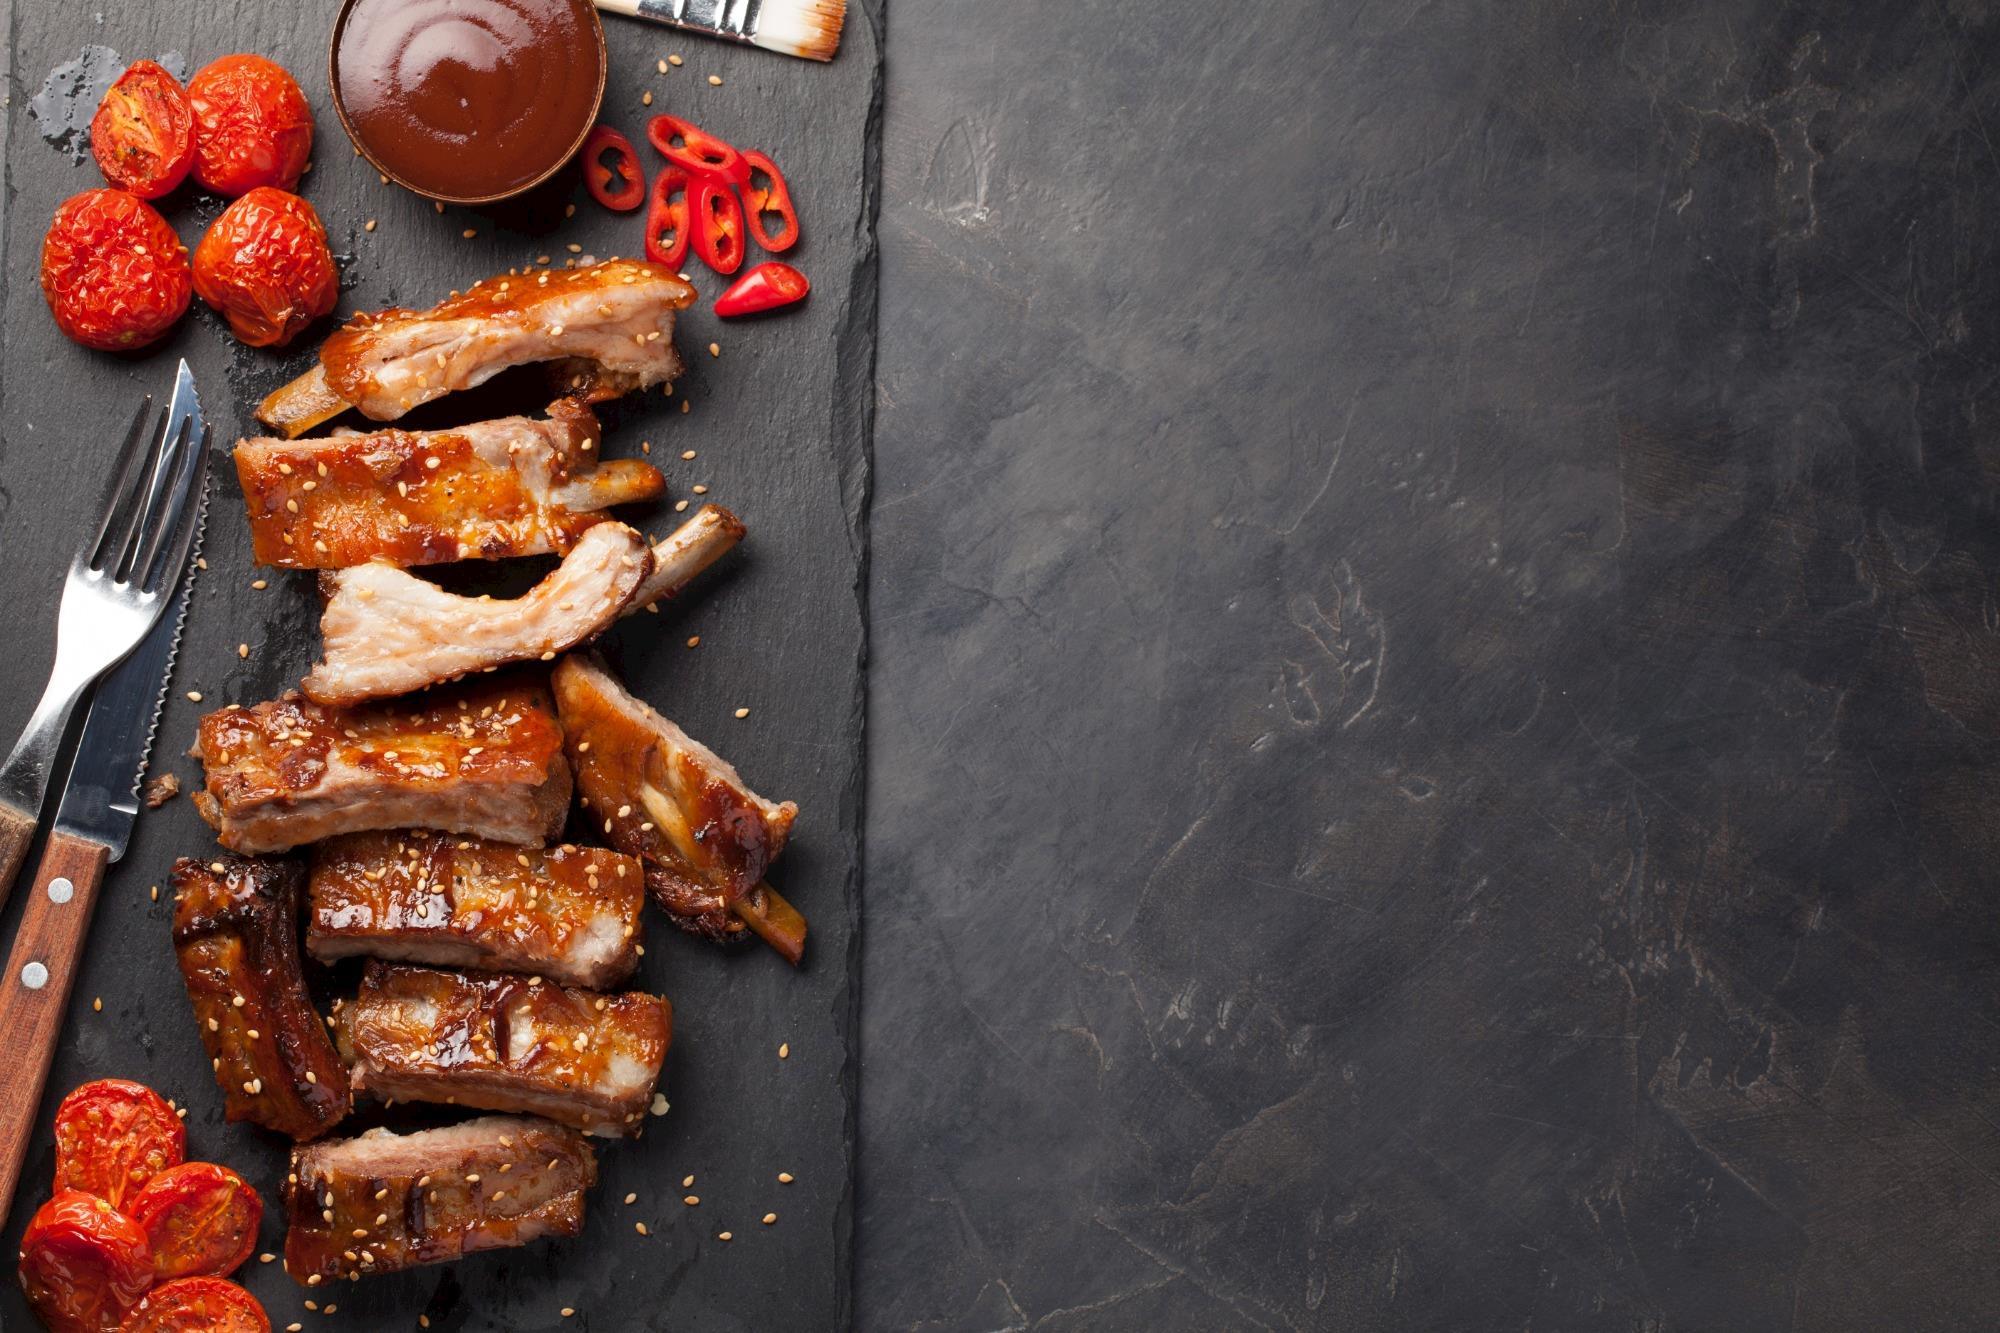 Uma dieta exclusiva de carnes? Conheça o carnivorismo, que é tema de palestra na AveSui EuroTier